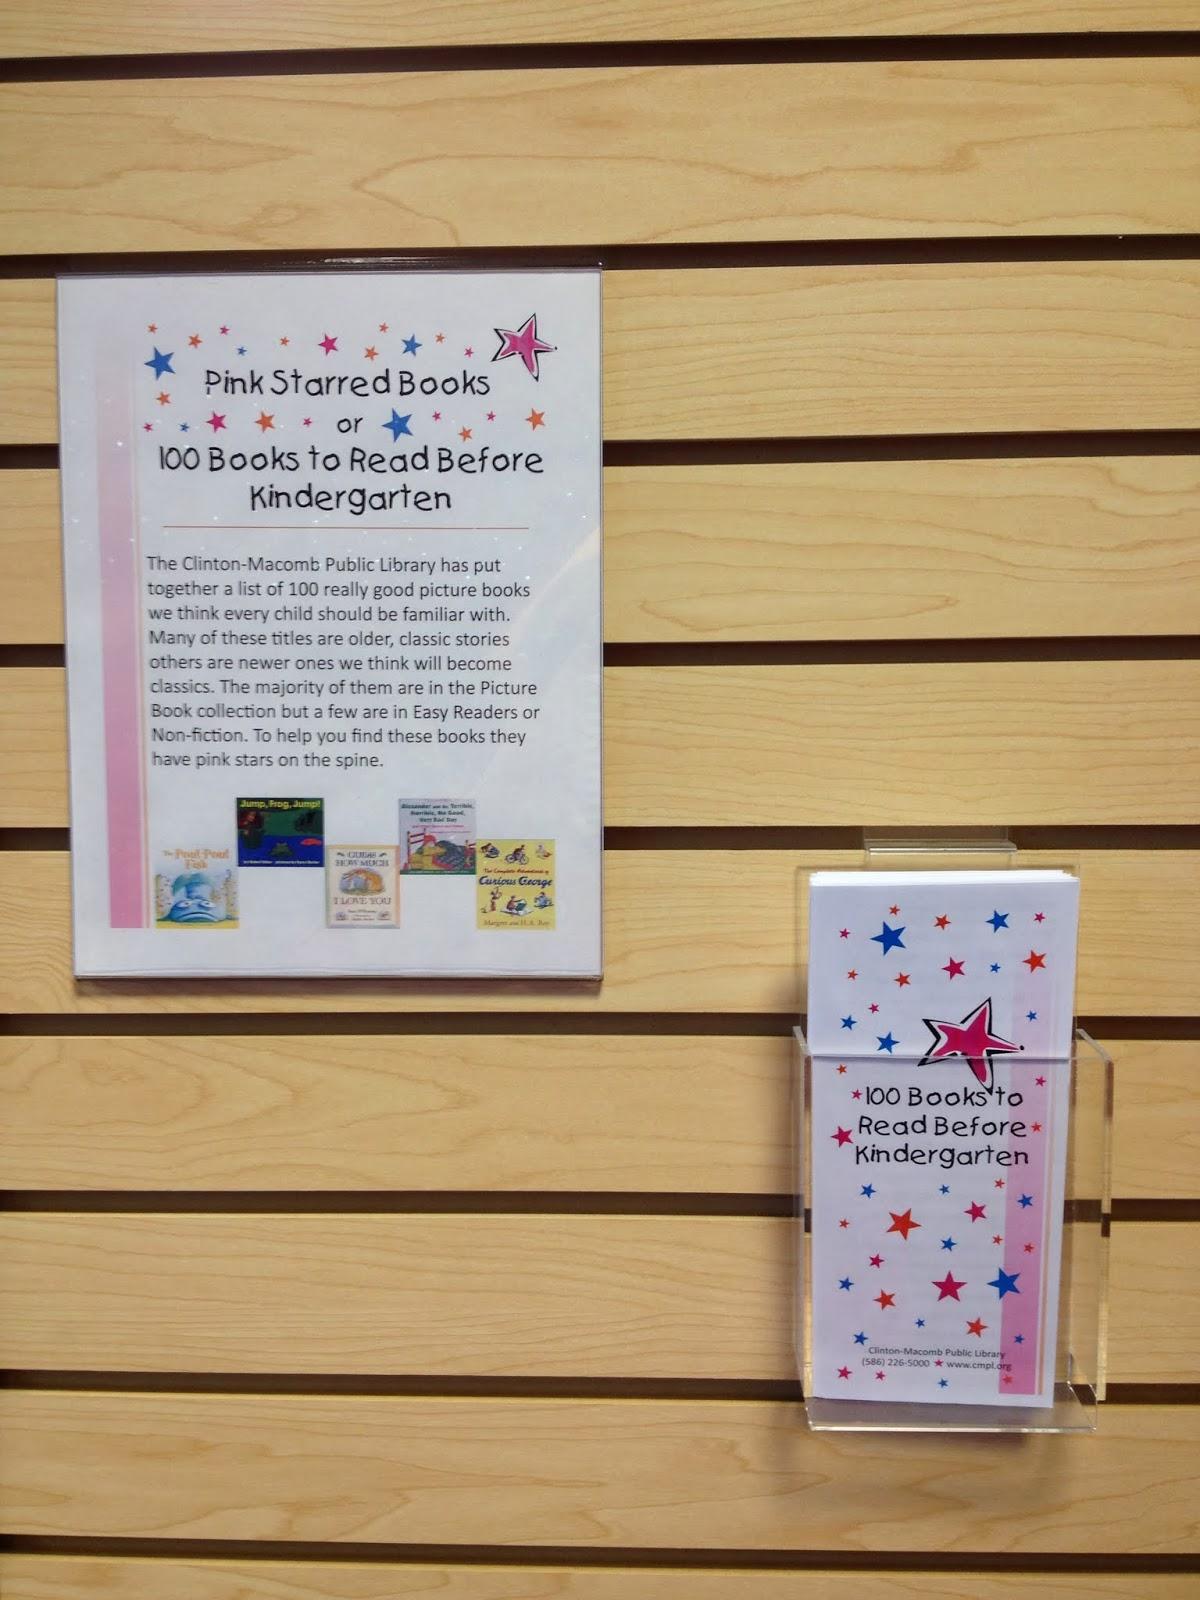 libraryland 100 books to read before kindergarten. Black Bedroom Furniture Sets. Home Design Ideas